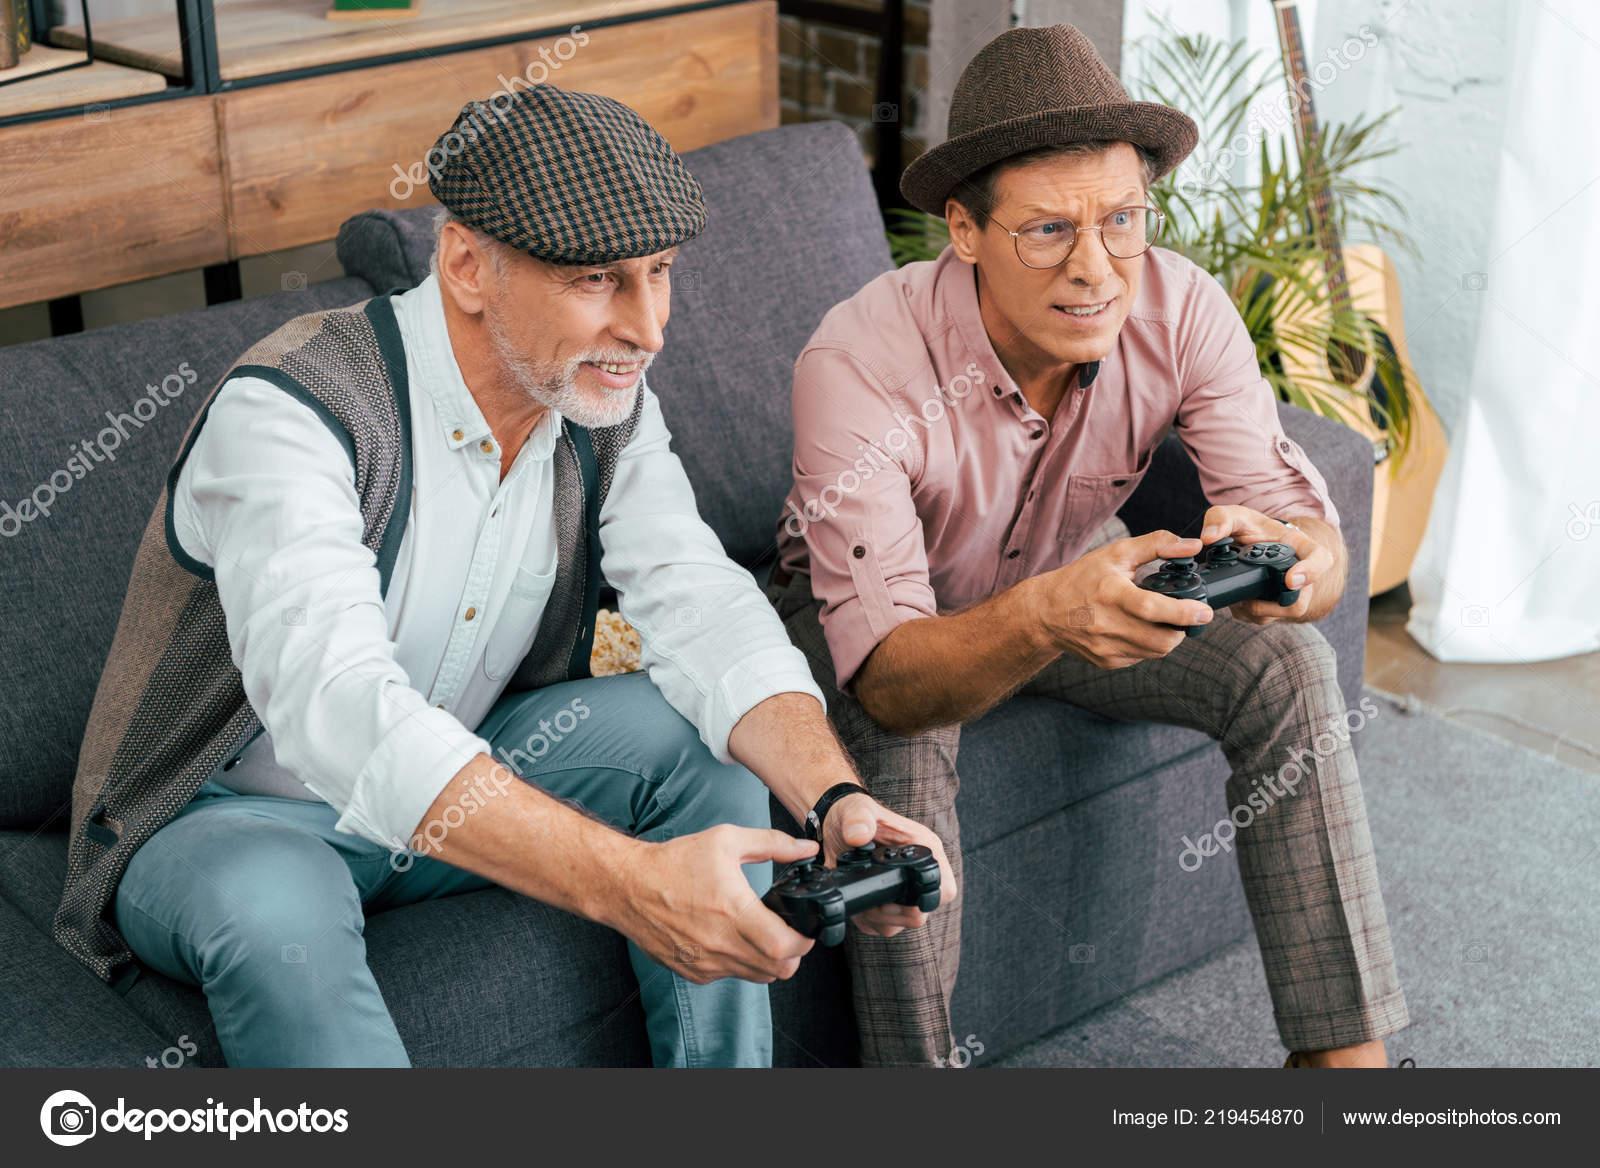 Yakışıklı Olgun Erkek Evde Gamepad Ile Oynarken Yüksek Açılı Görünüş